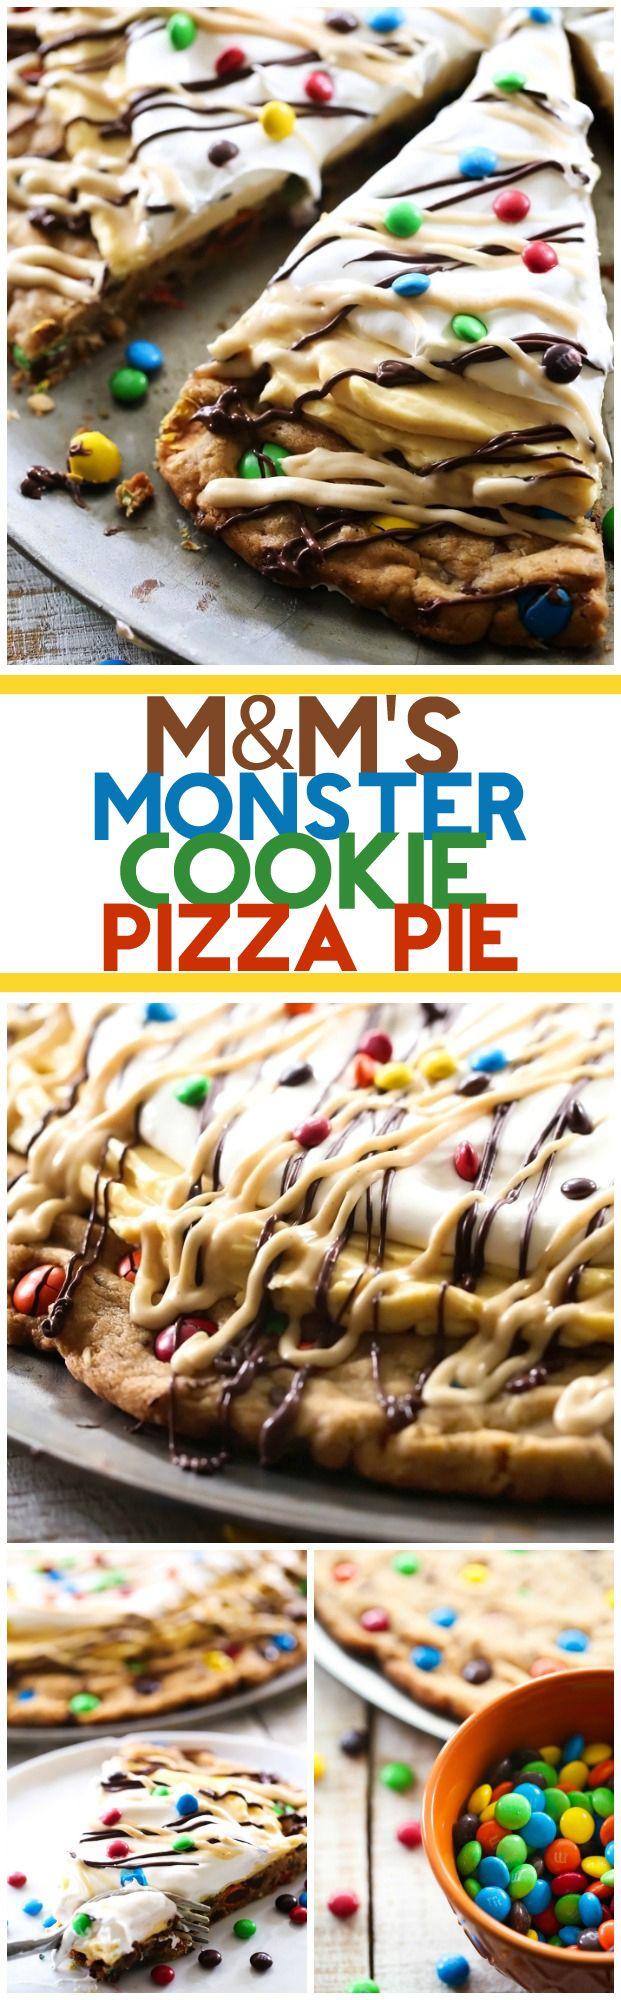 M&M'S Monster Cookie Pizza Pie? Was es alles gibt... #büroshop24 will auf jeden Fall mal kosten!